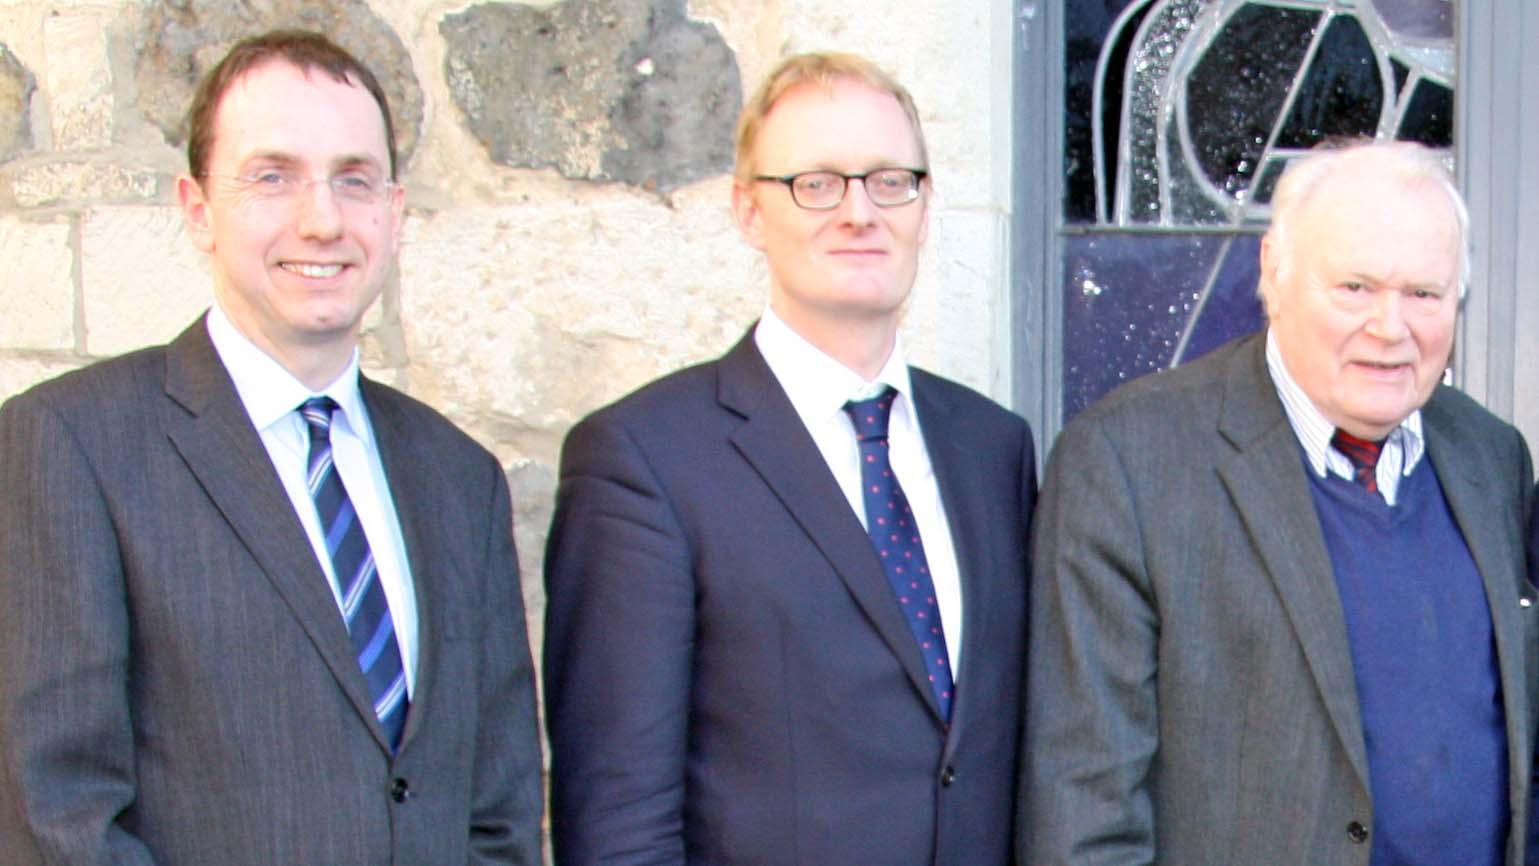 Dr. Martin Bock, Dr. Jochen Gensichen und Altpräses Manfred Kock